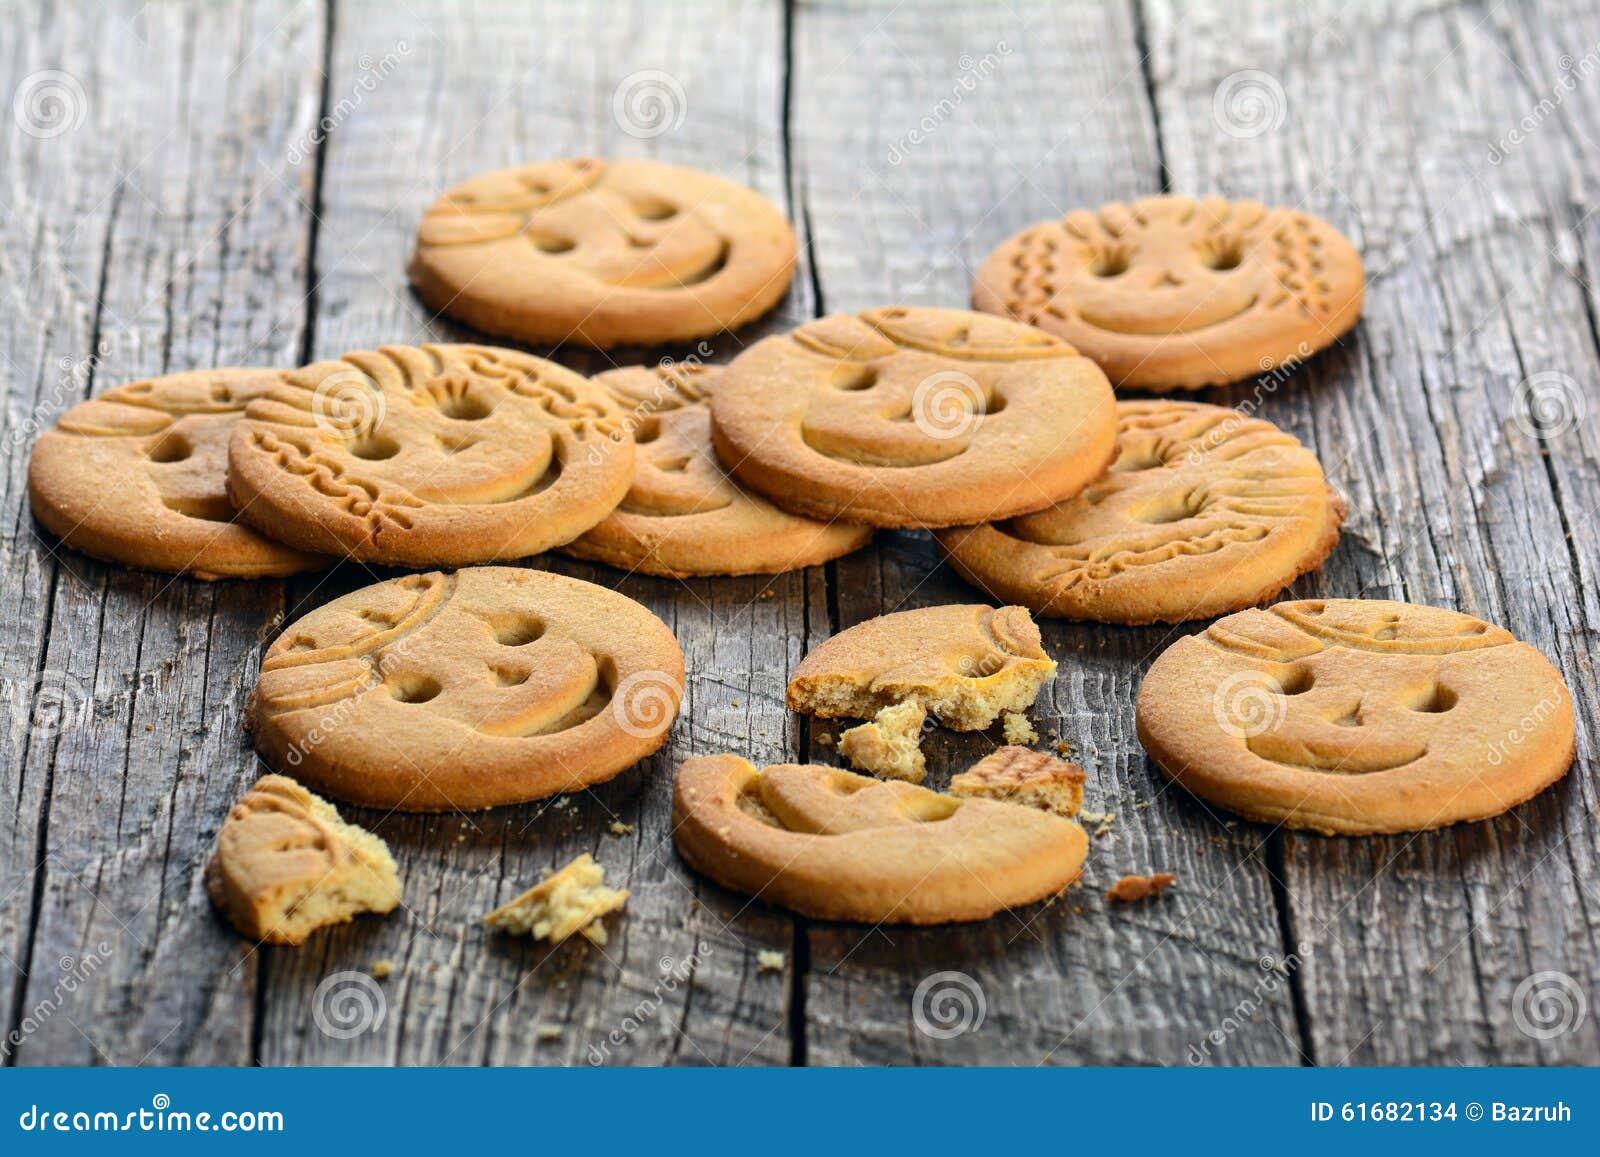 Plätzchen Der Kinder Butter Stockfoto - Bild von dekorationen ...